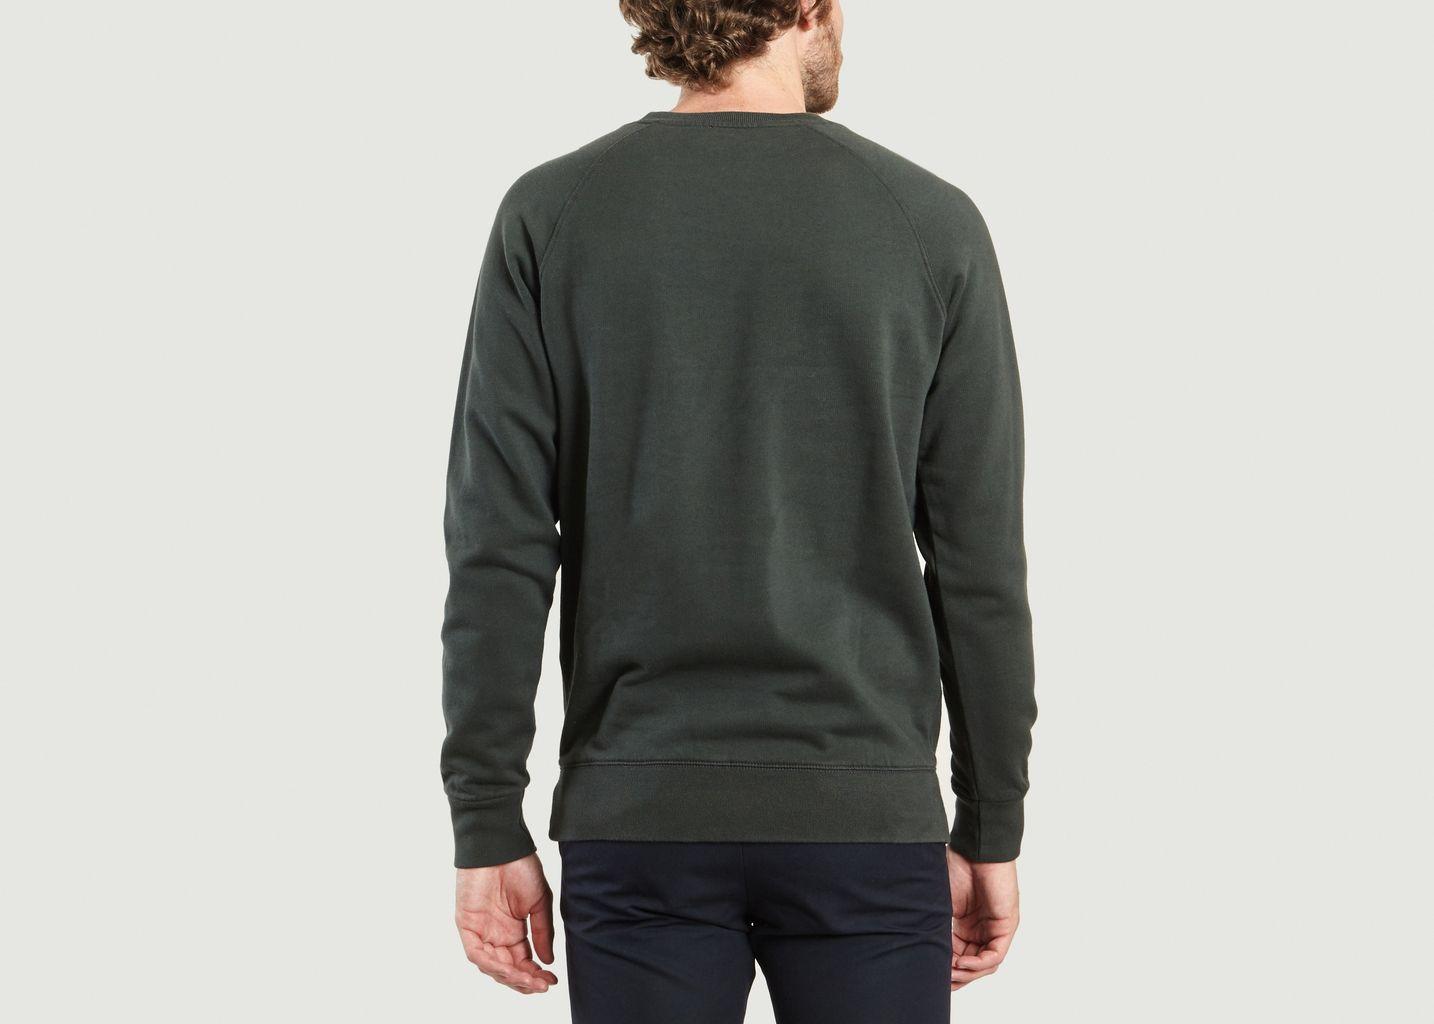 Sweatshirt Parisien - Maison Kitsuné